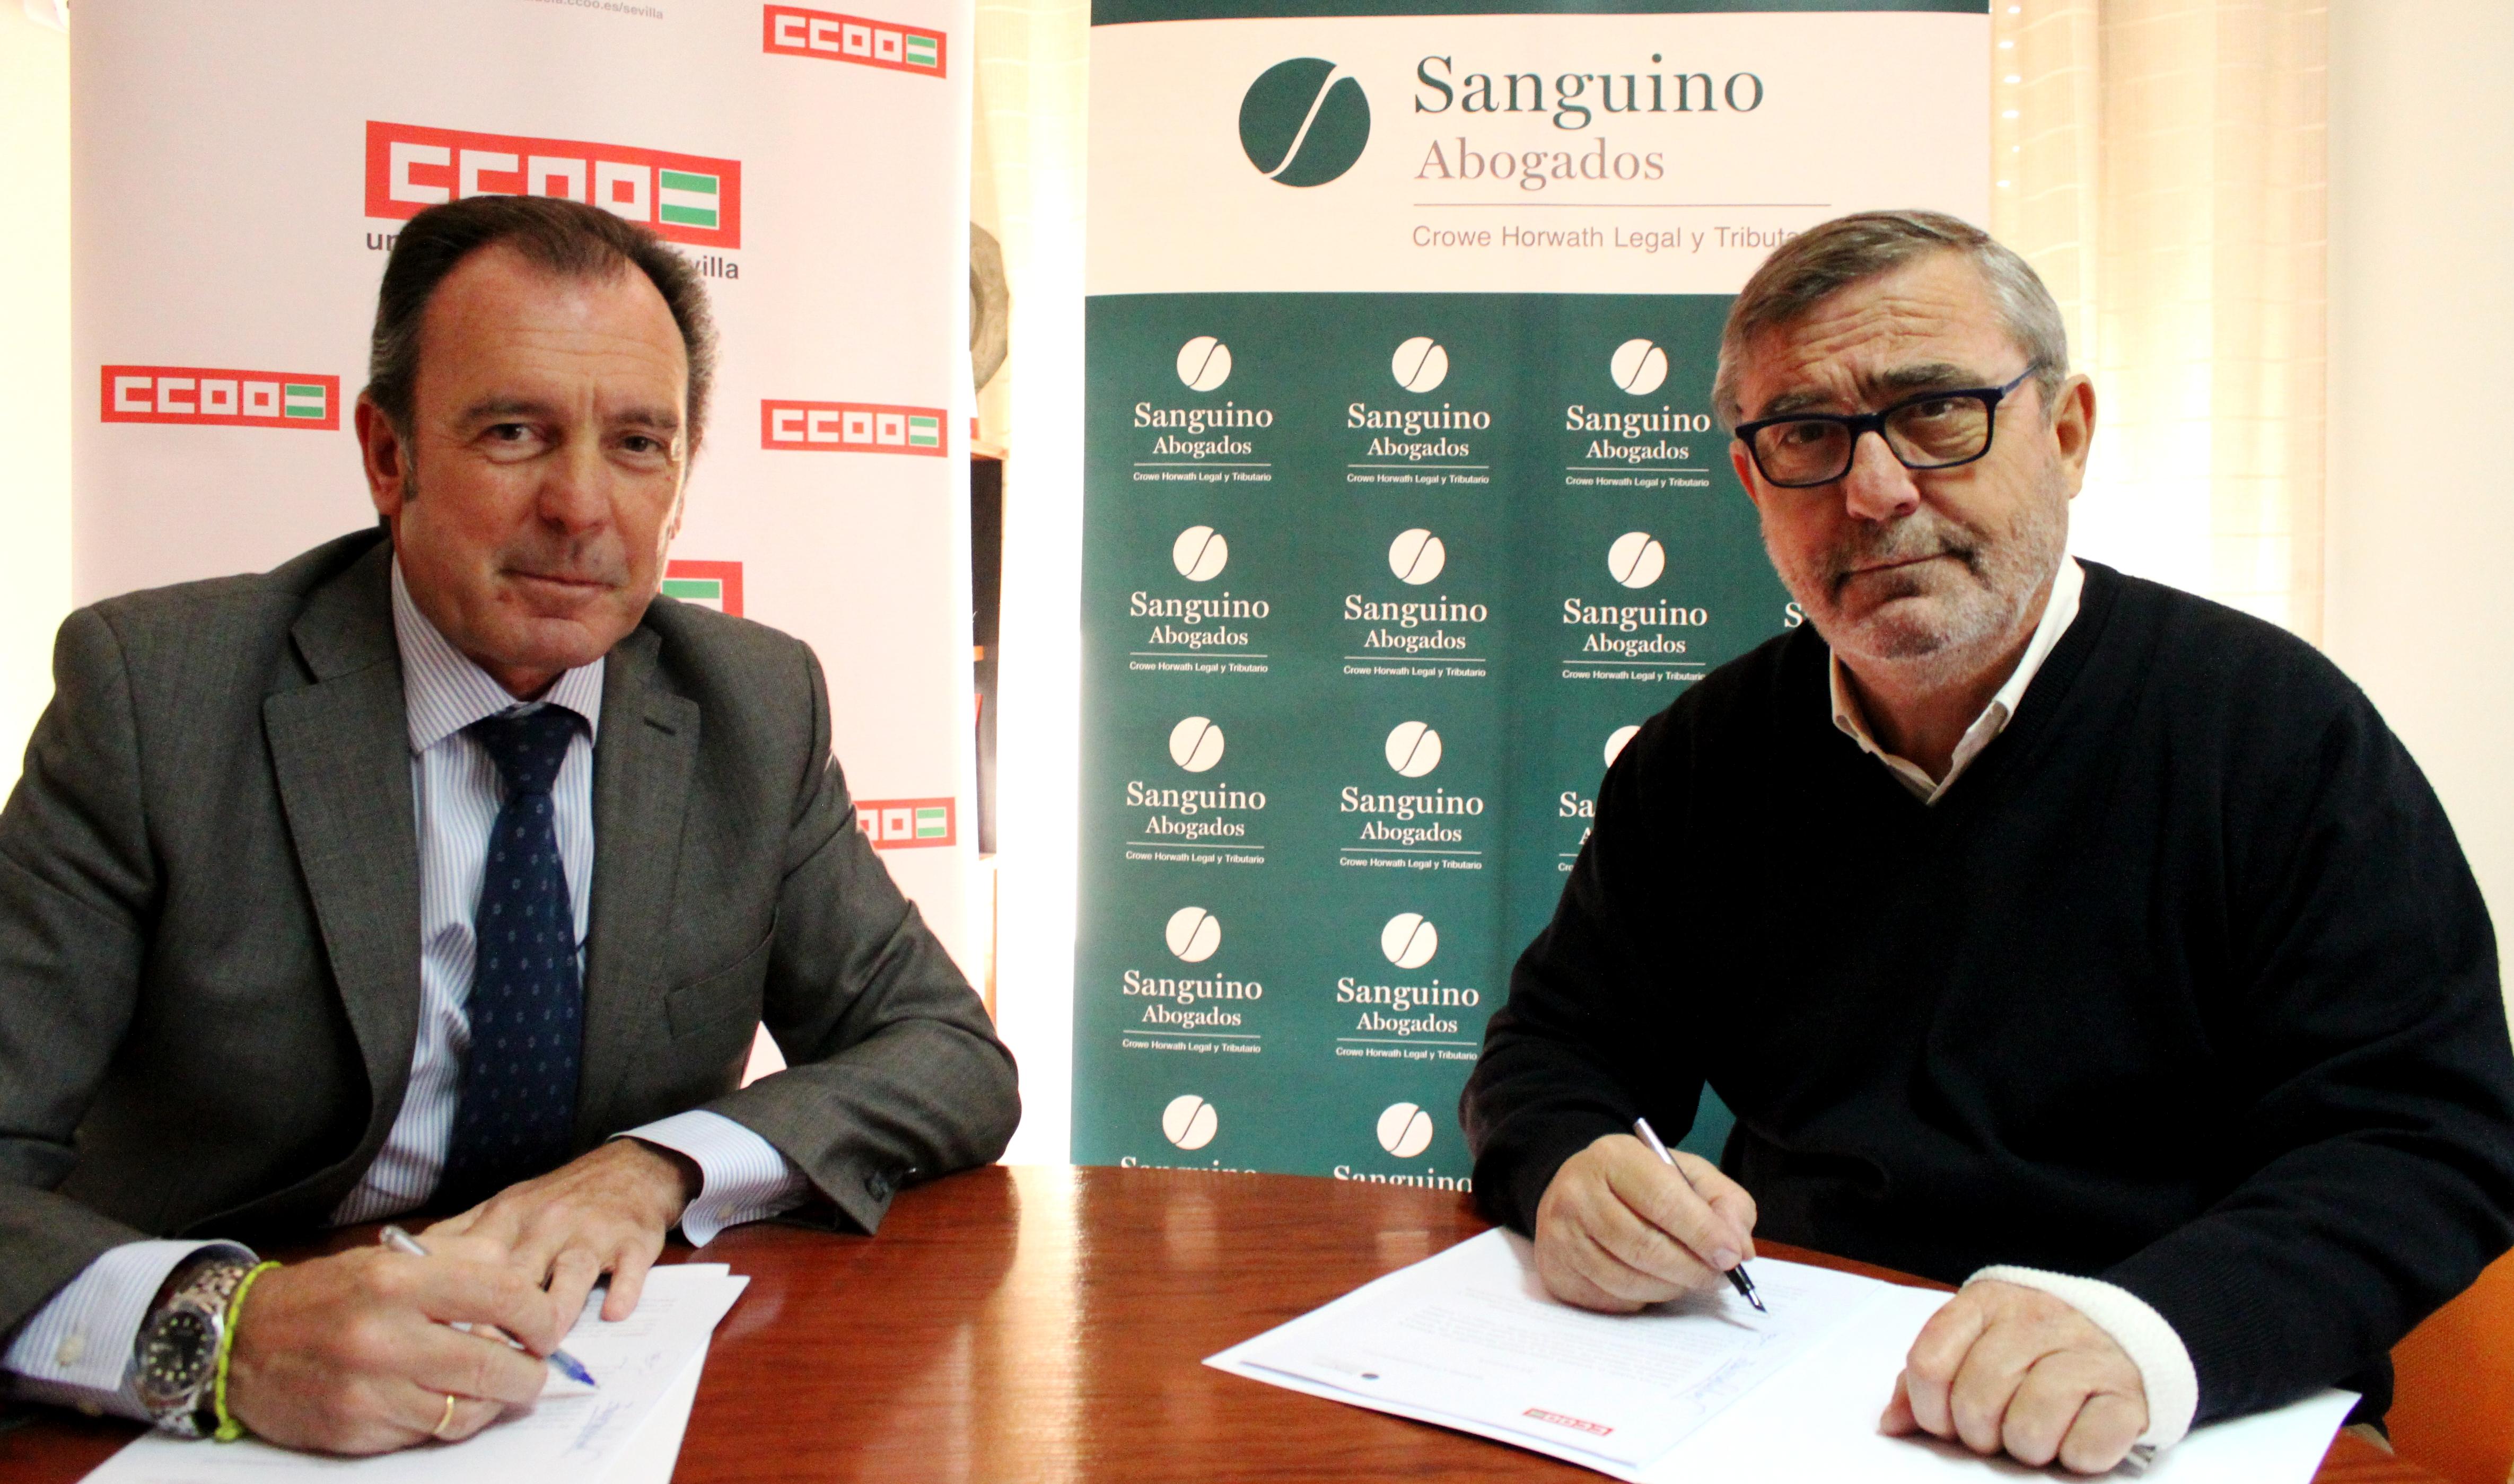 Sanguino Abogados y CCOO Sevilla firman un convenio de asesoramiento jurídico integral